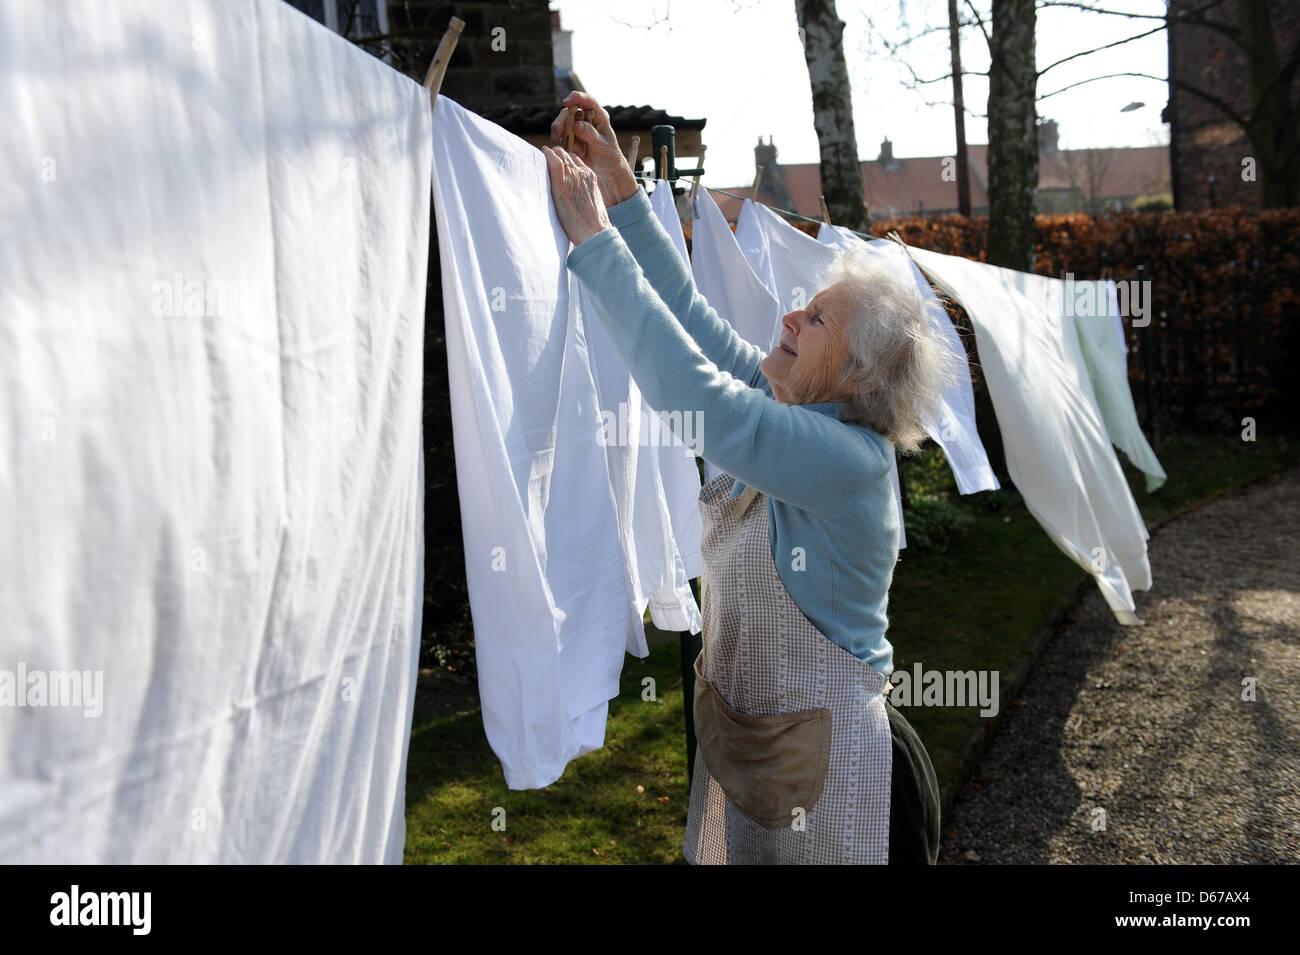 Personne âgée retraitée sortir une ligne de lave sur sa ligne de lavage en avril. Photo Stock